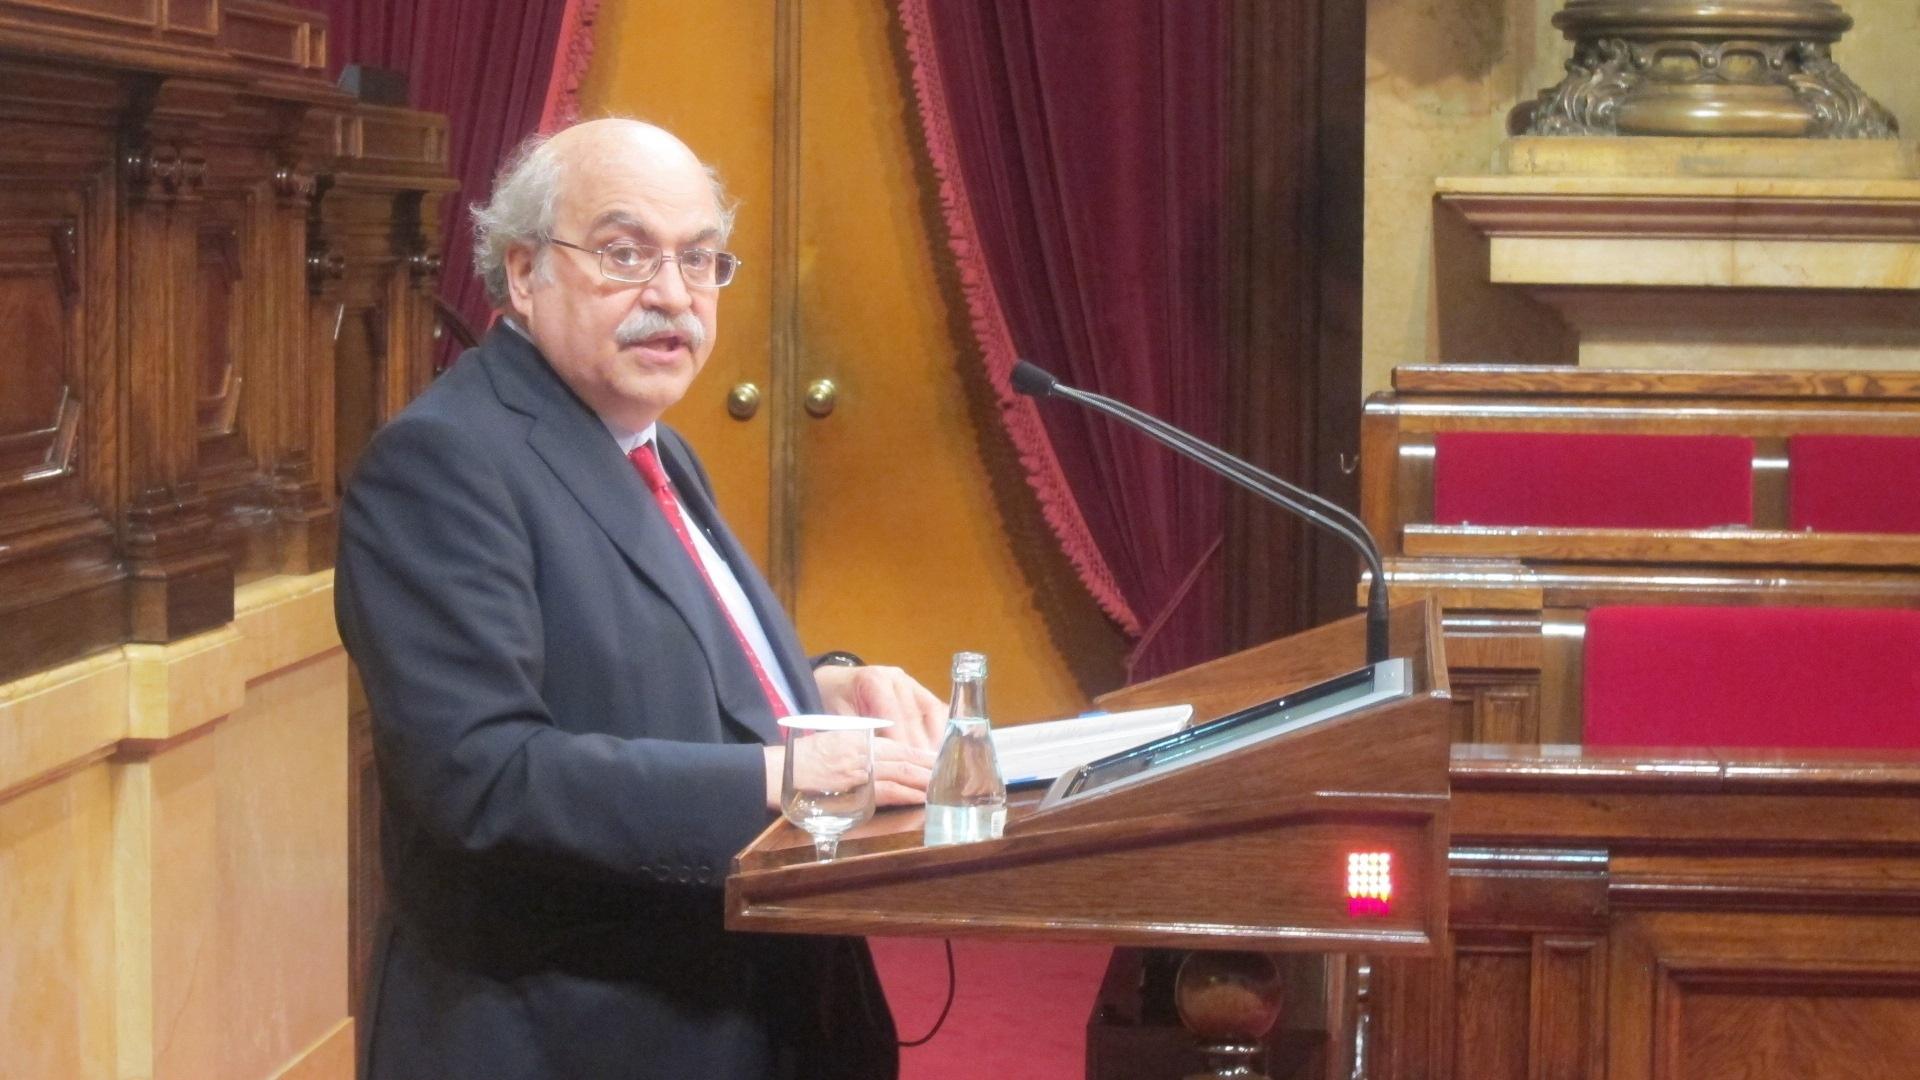 El Govern detalla el recorte de 2.000 millones de euros de la prórroga presupuestaria